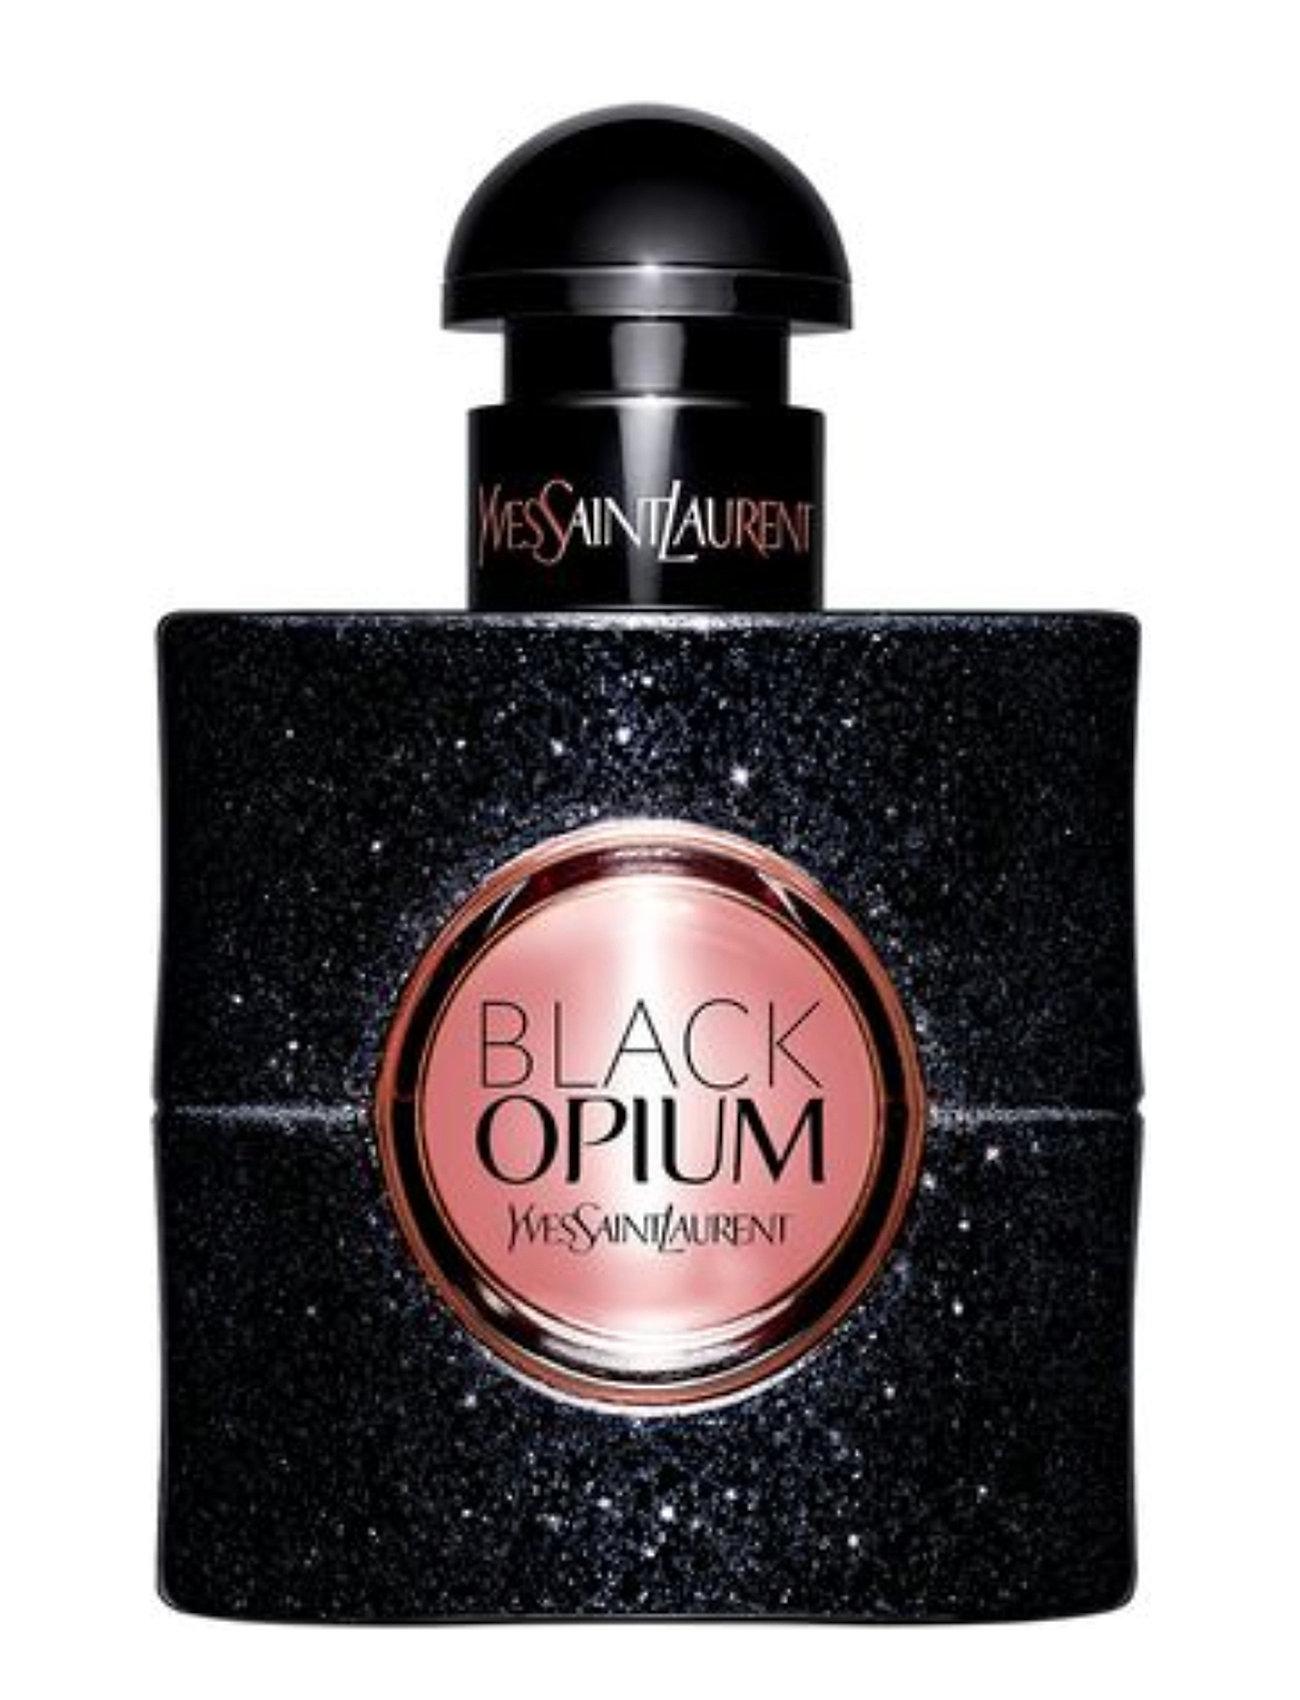 Yves Saint Laurent Opium Black Eau de Parfum 50 ml.